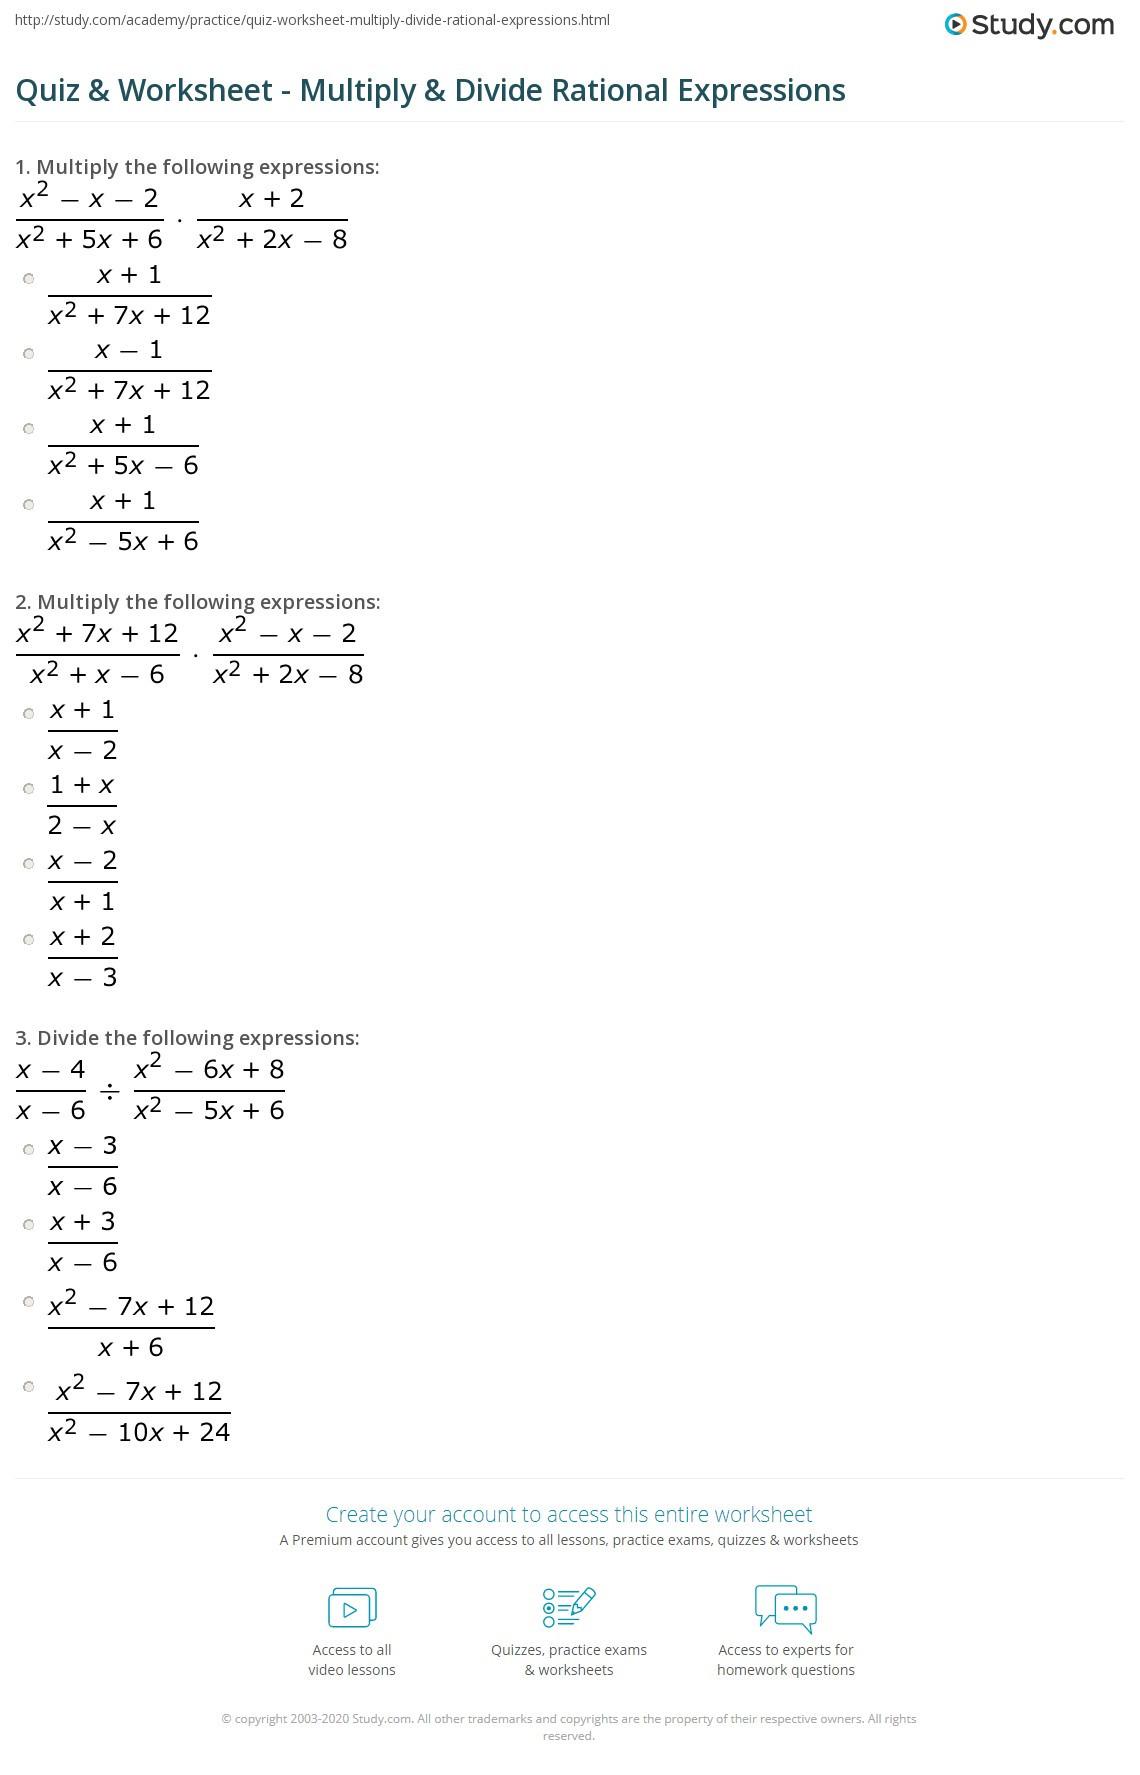 Quiz & Worksheet Multiply & Divide Rational Expressions